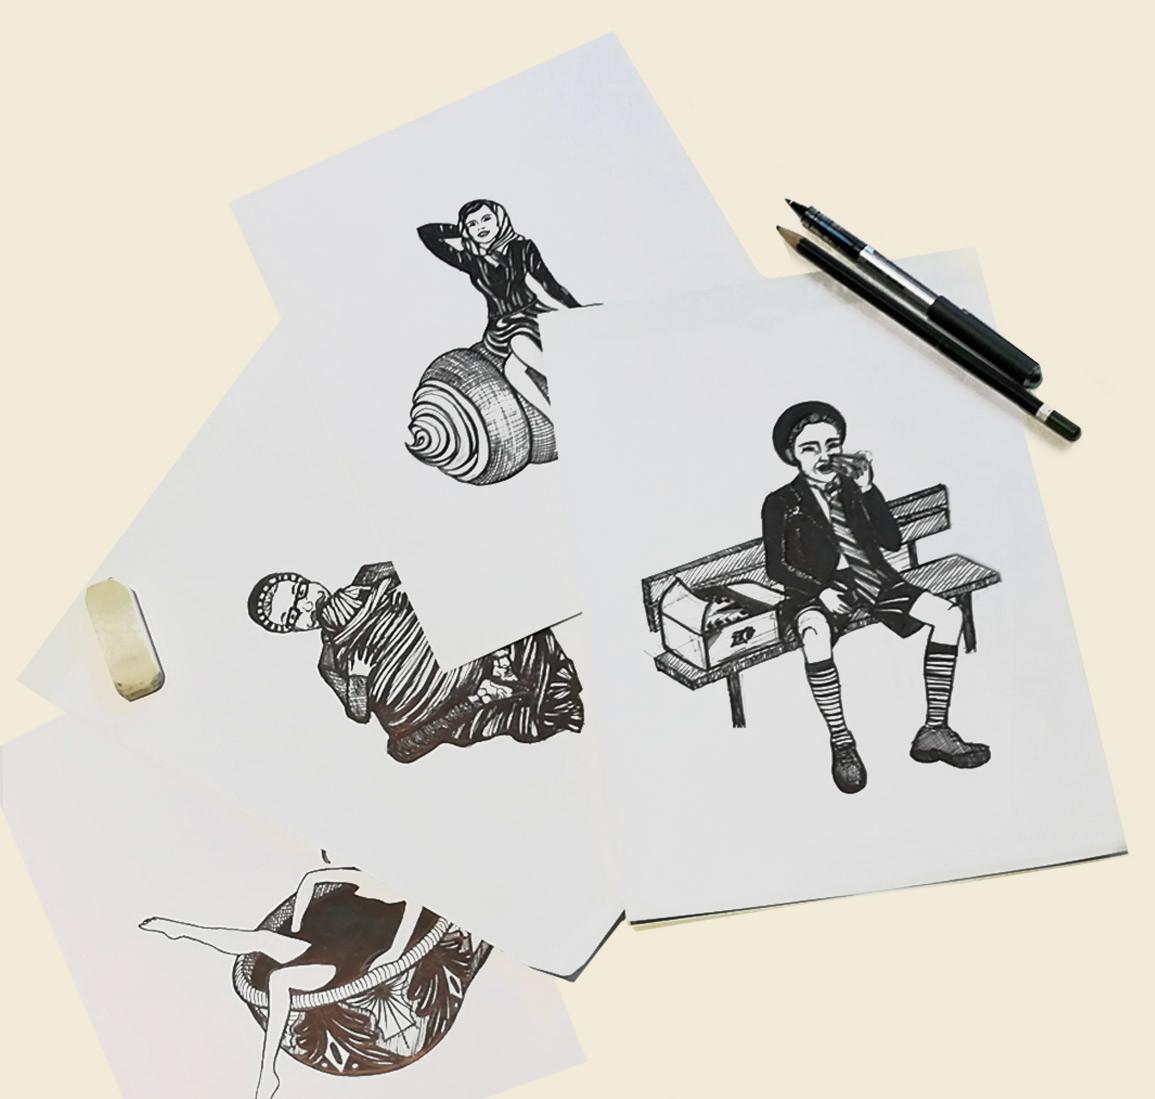 zc_illustrazioni_disegno